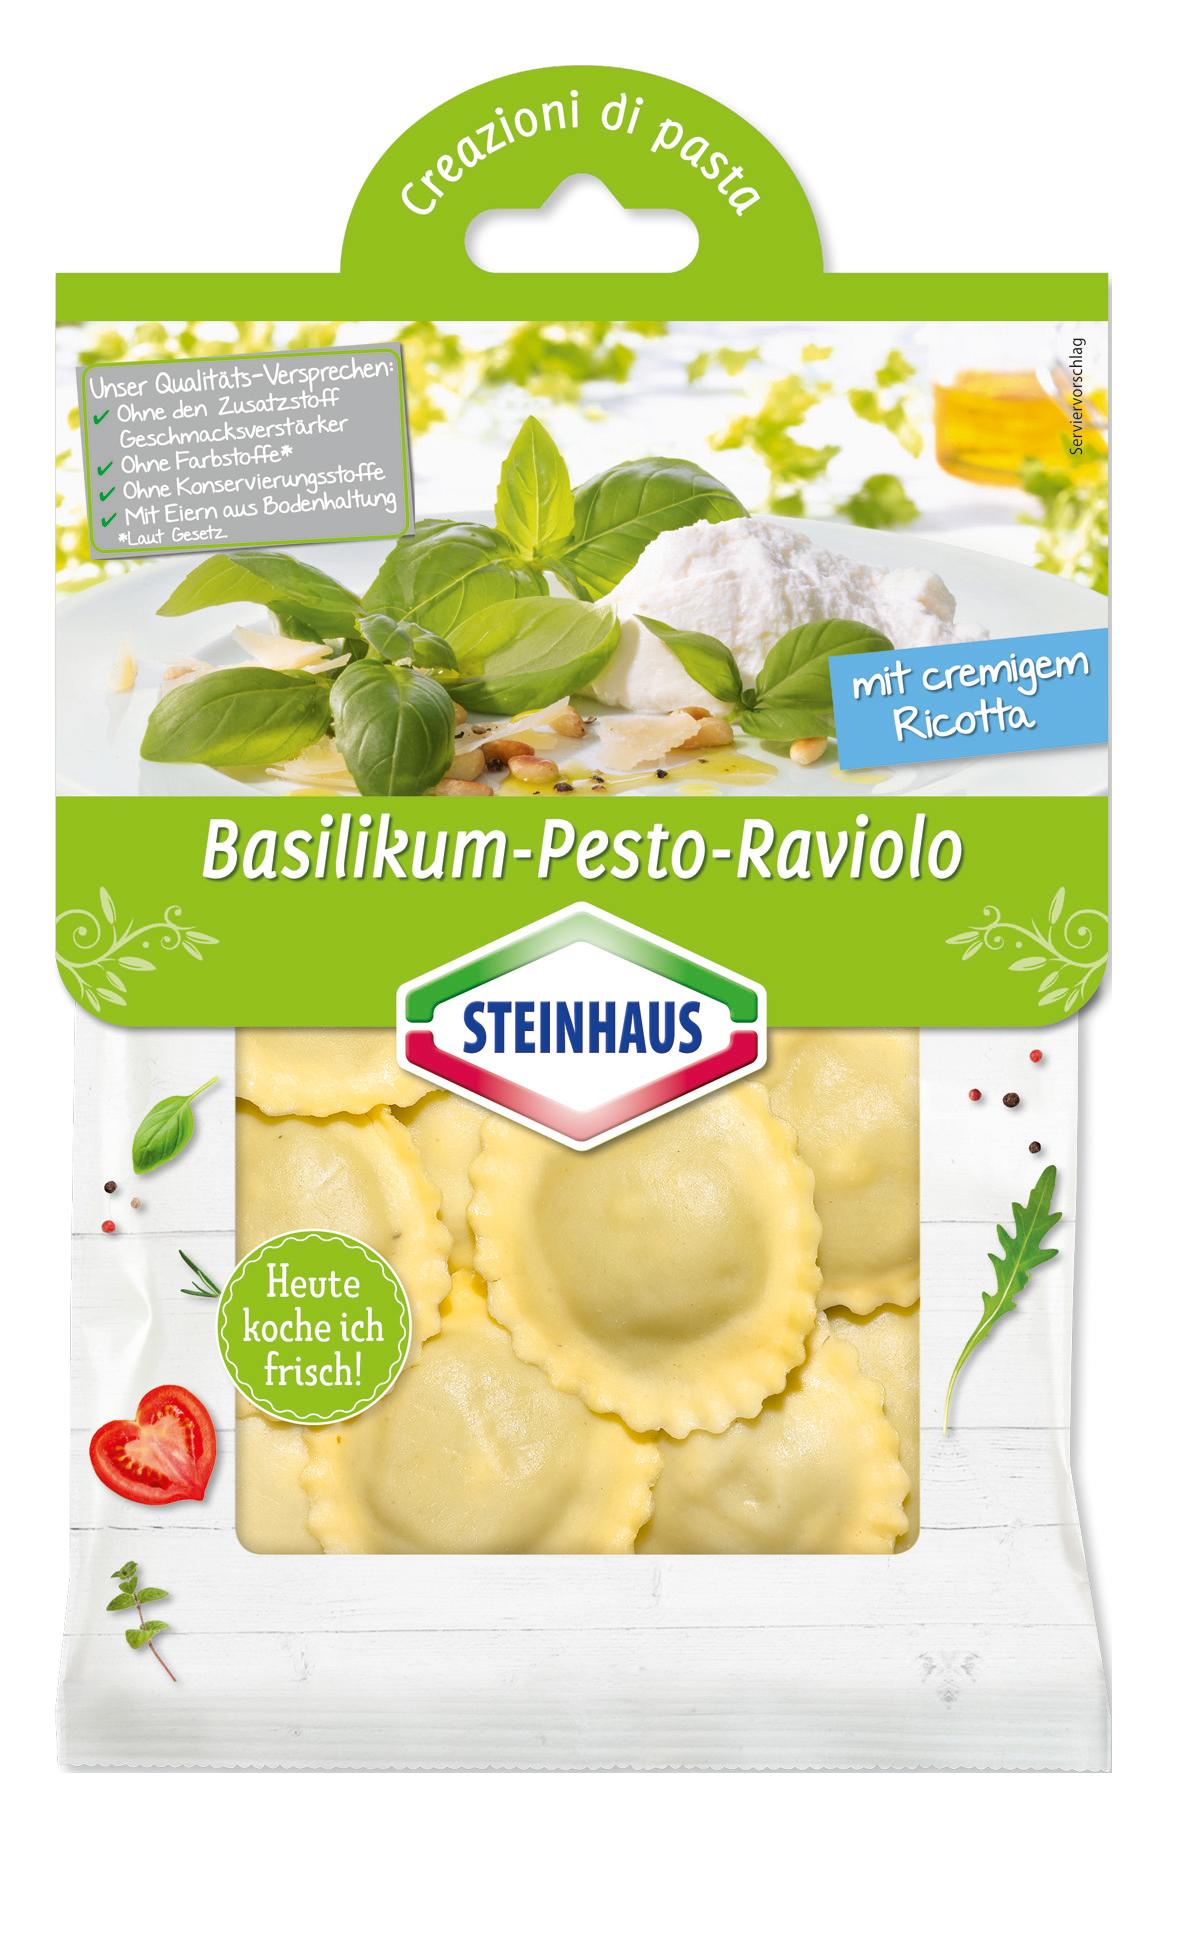 Basilikum Pesto Raviolo